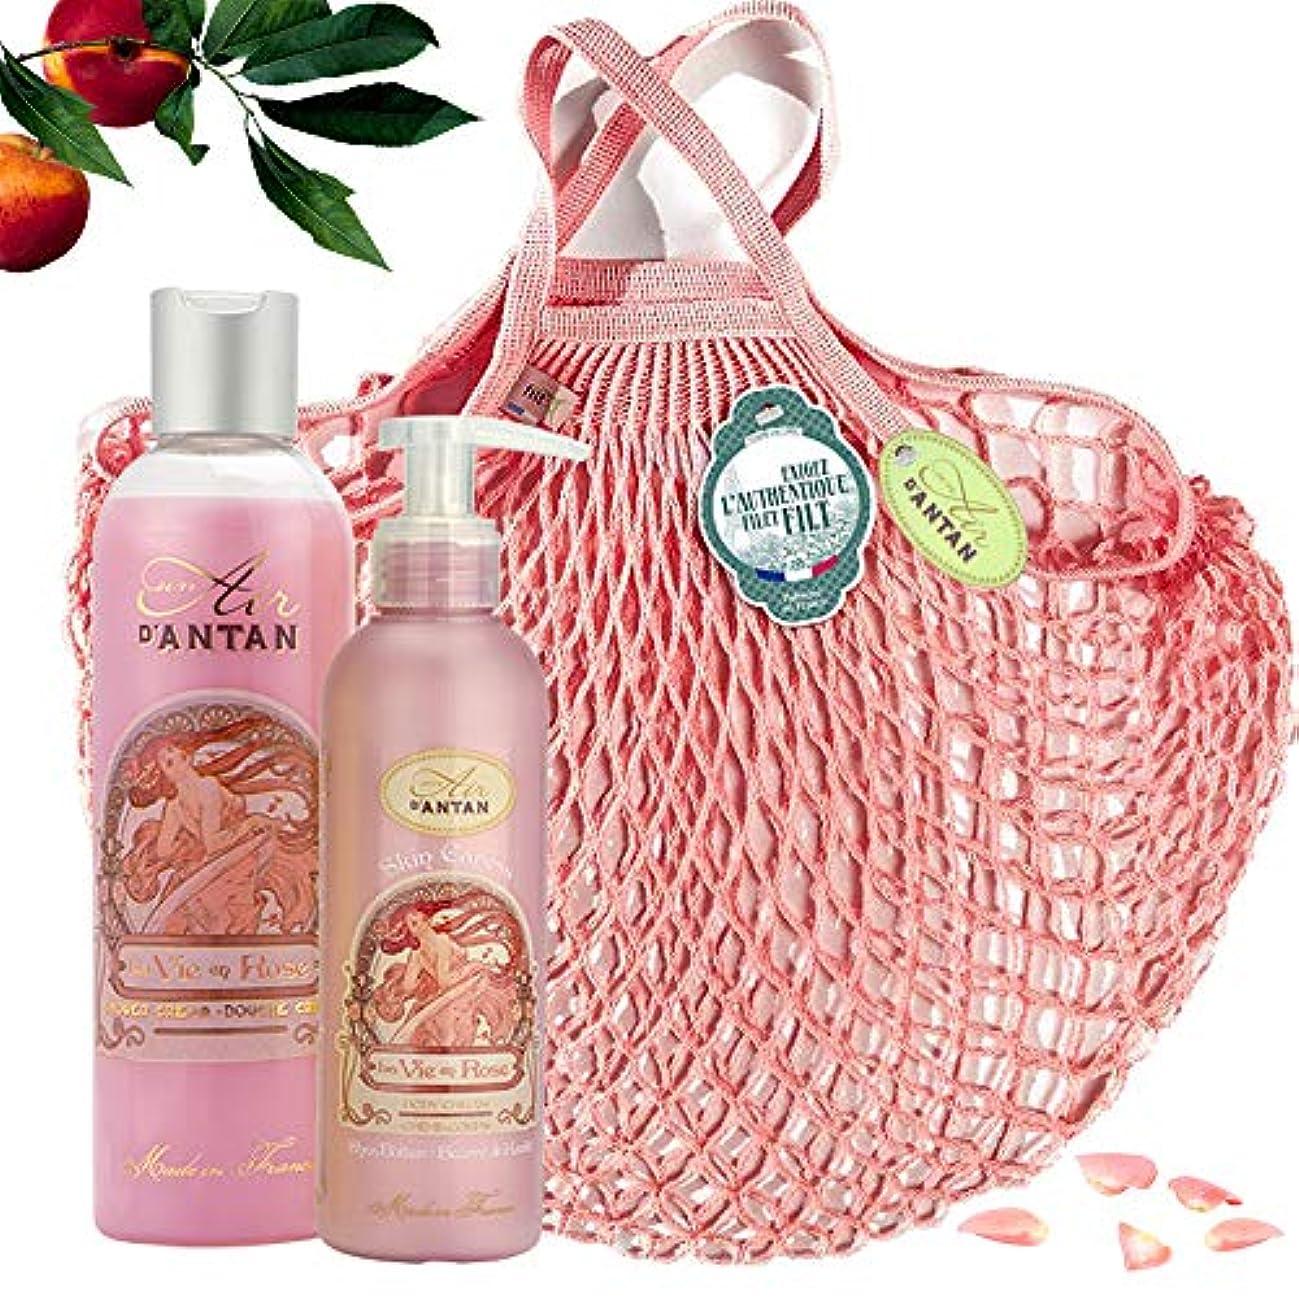 外国人ママ北西ROSE Woman Beauty Set - ロトデュオバス&ネットフィットケア:1シャワージェル250ml、1ボディローションモイスチャライザー200ml - ピンクの香水、ピーチ、パチョリ - 記念日のギフトのアイデア...